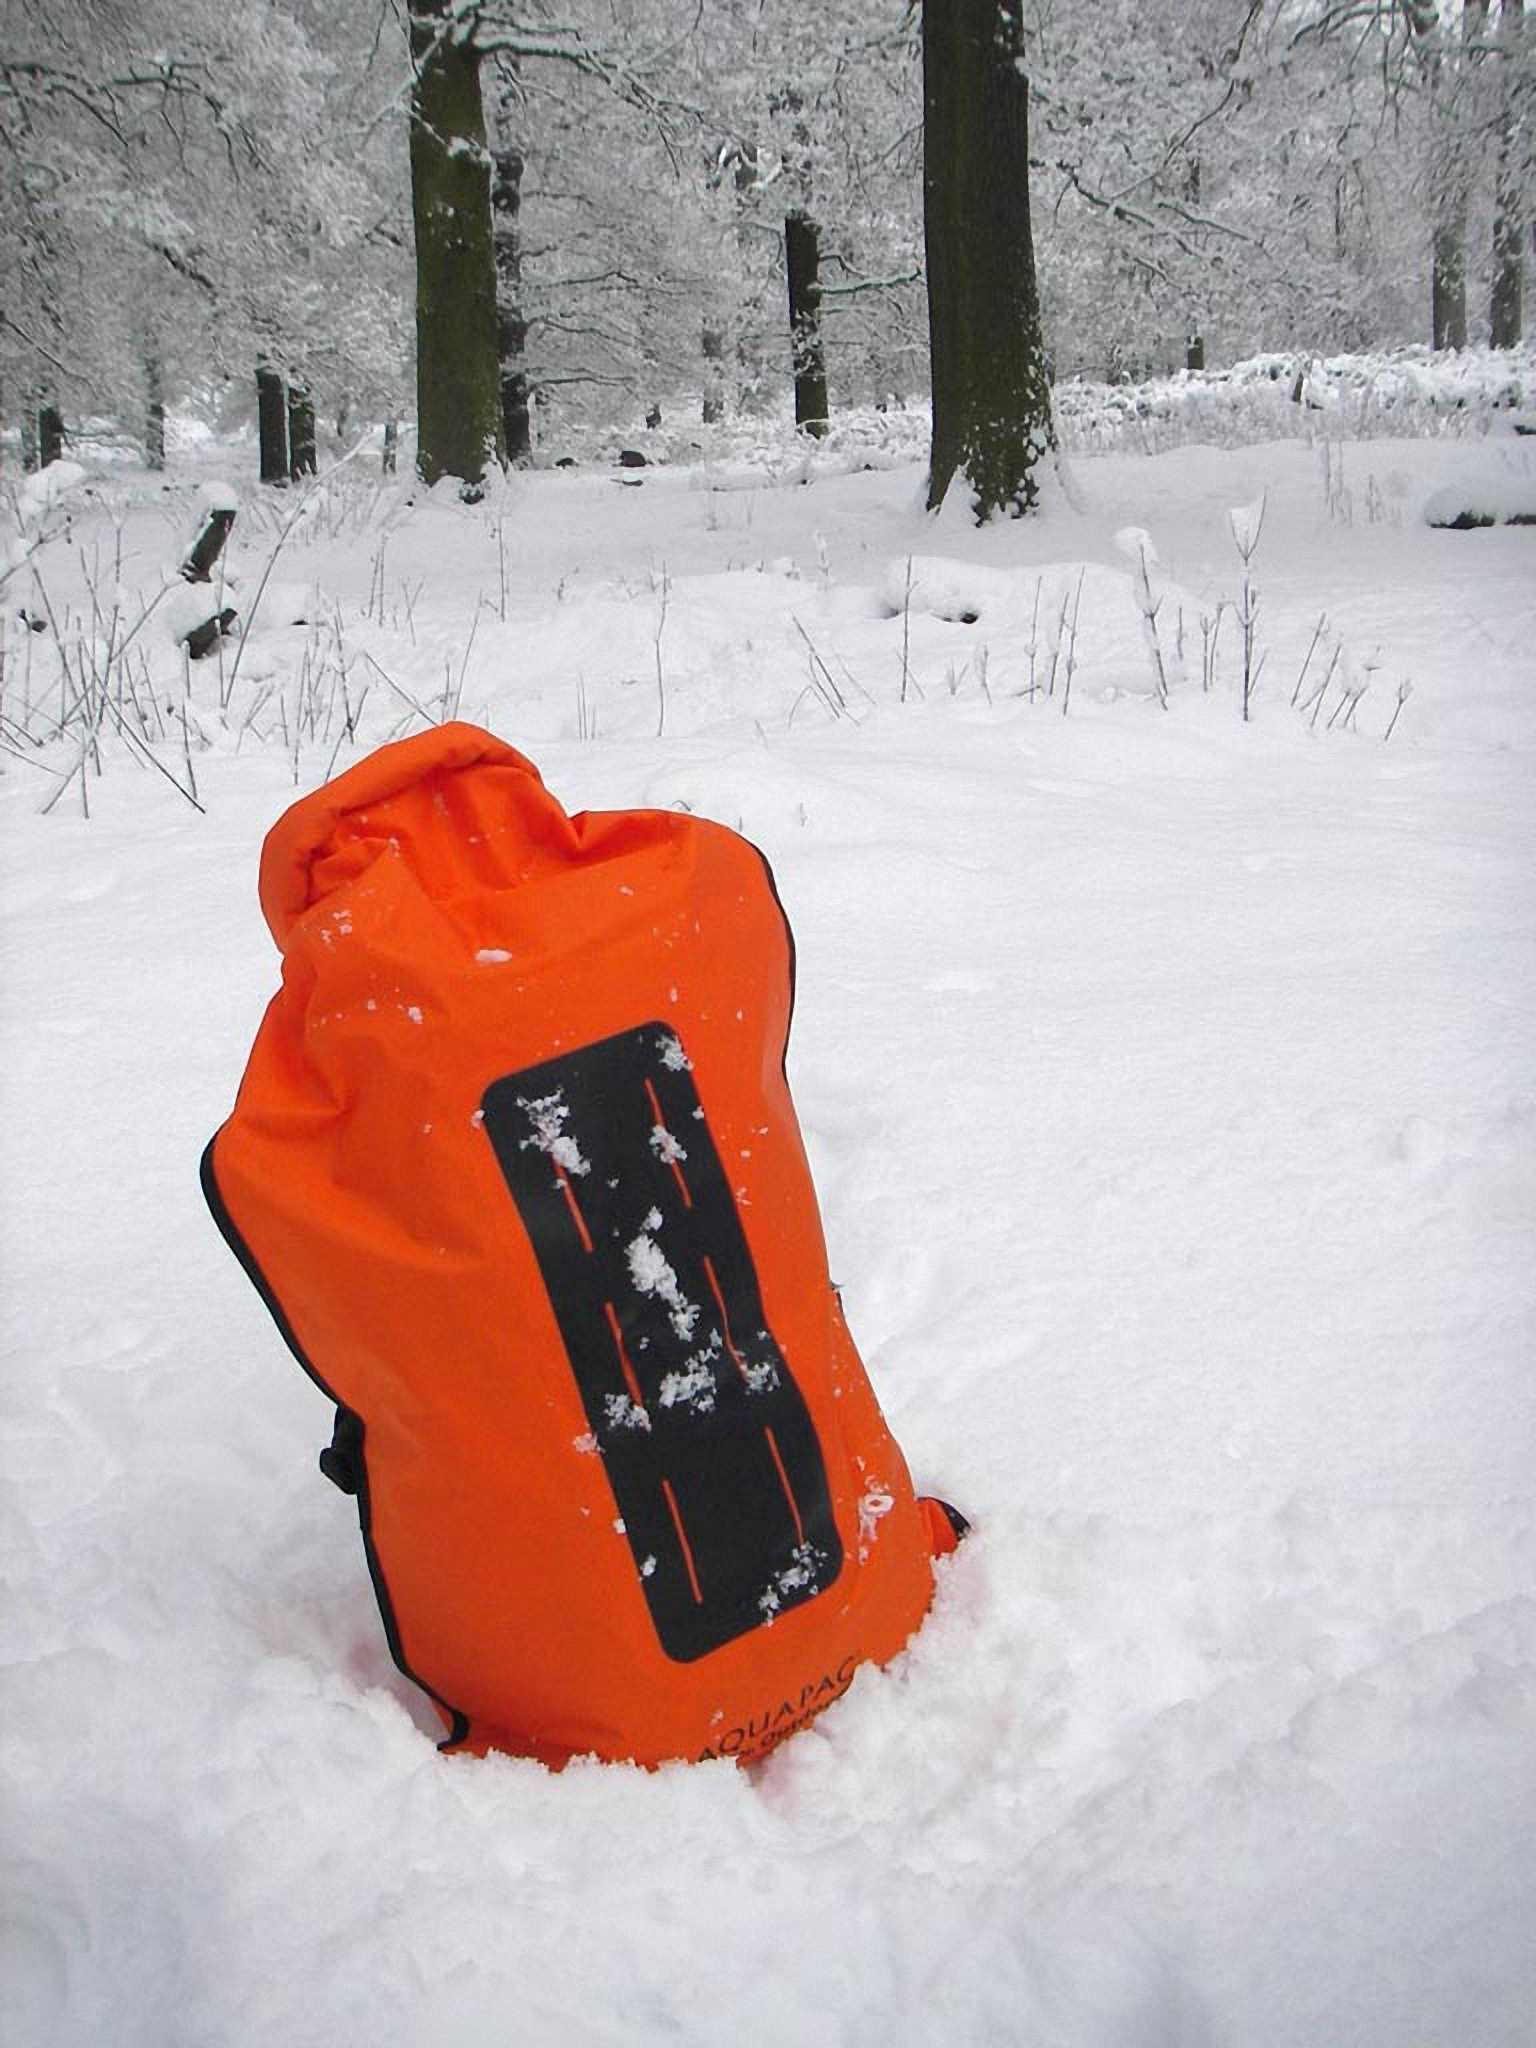 Водонепроницаемый  гермомешок-рюкзак (с двумя плечевыми ремнями) Aquapac 761 - Noatak Wet & Drybag - 15L.. Aquapac - №1 в мире водонепроницаемых чехлов и сумок. Фото 9